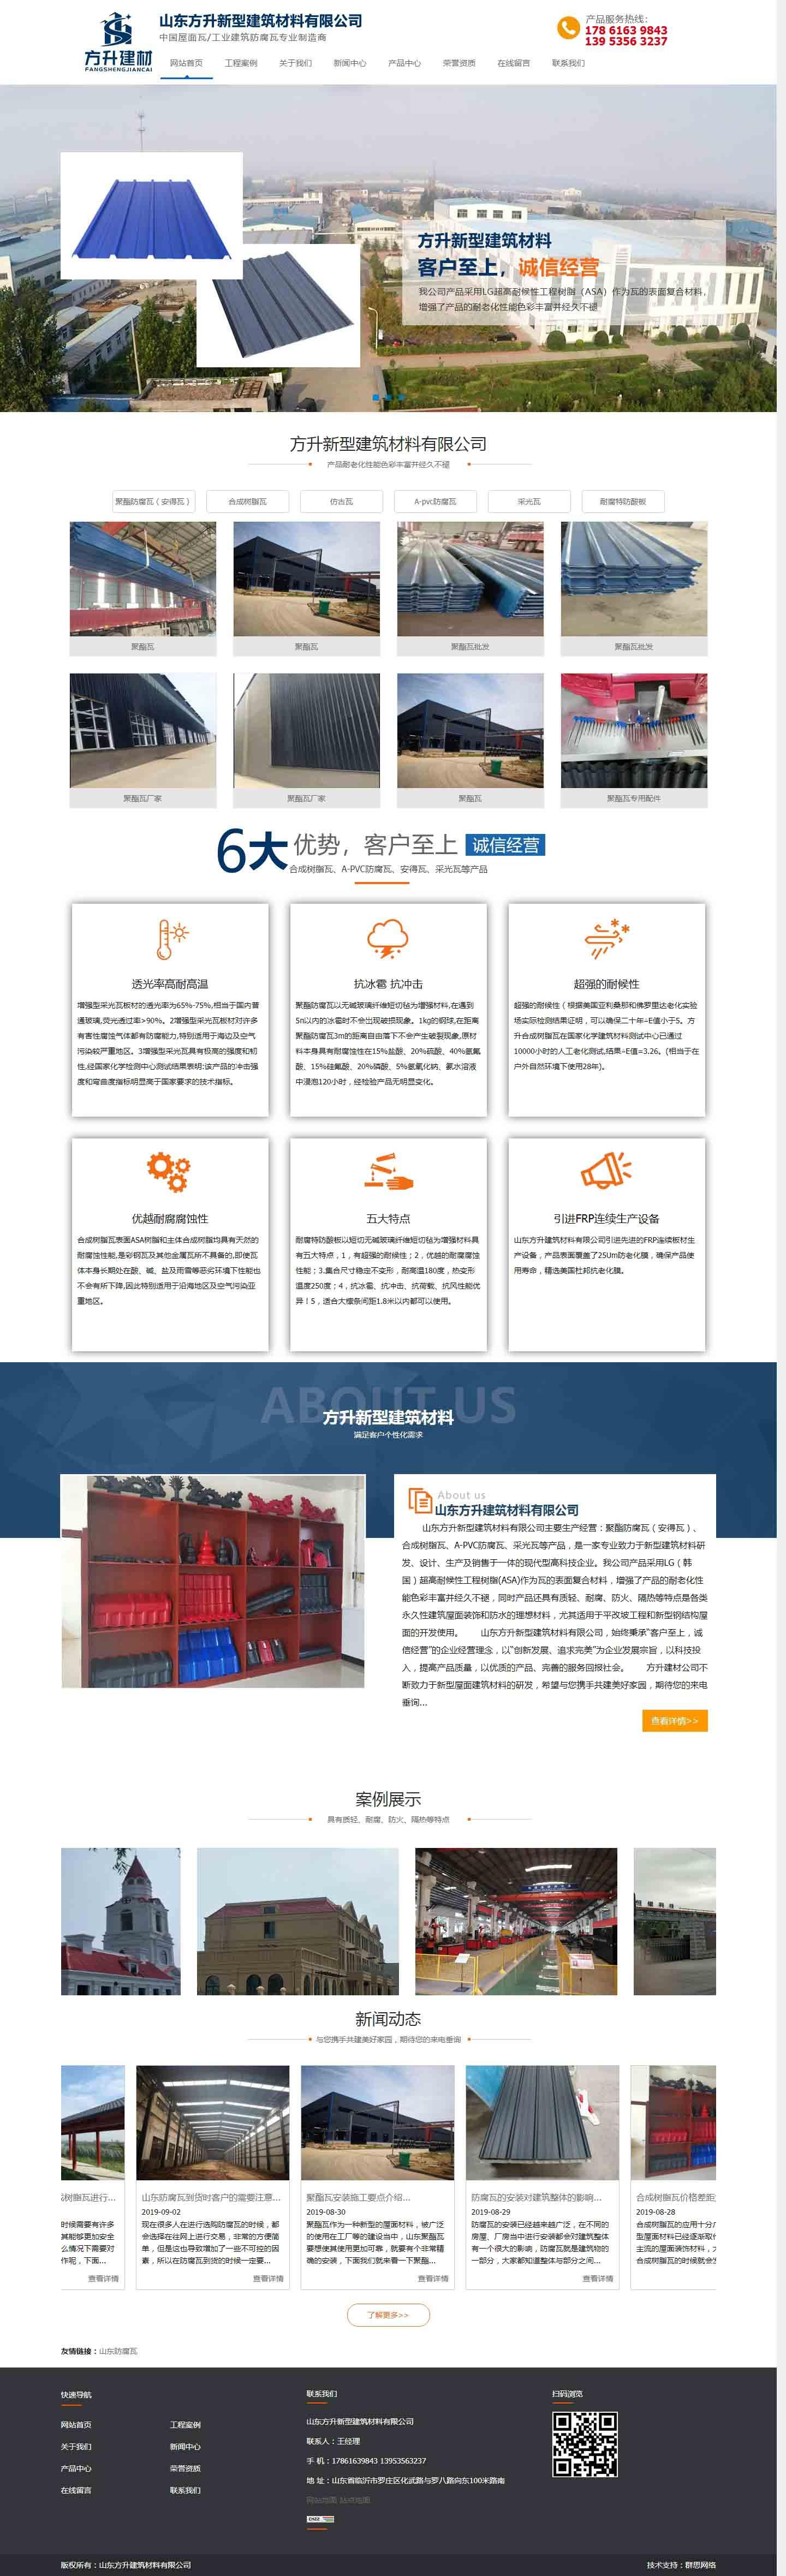 方升新型建筑材料有限公司